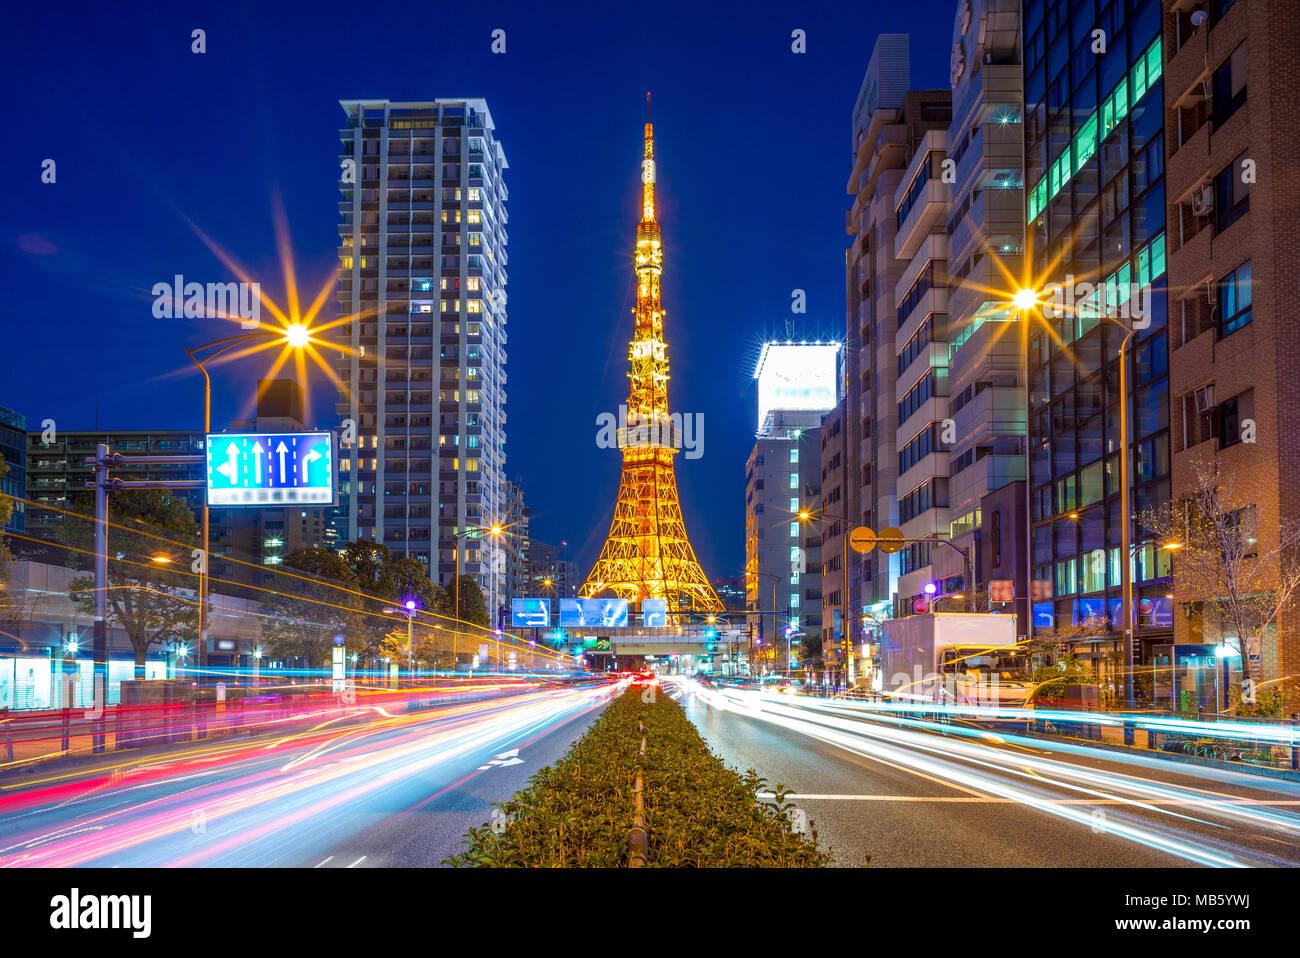 Vista nocturna de la ciudad de Tokio, Japón Imagen De Stock